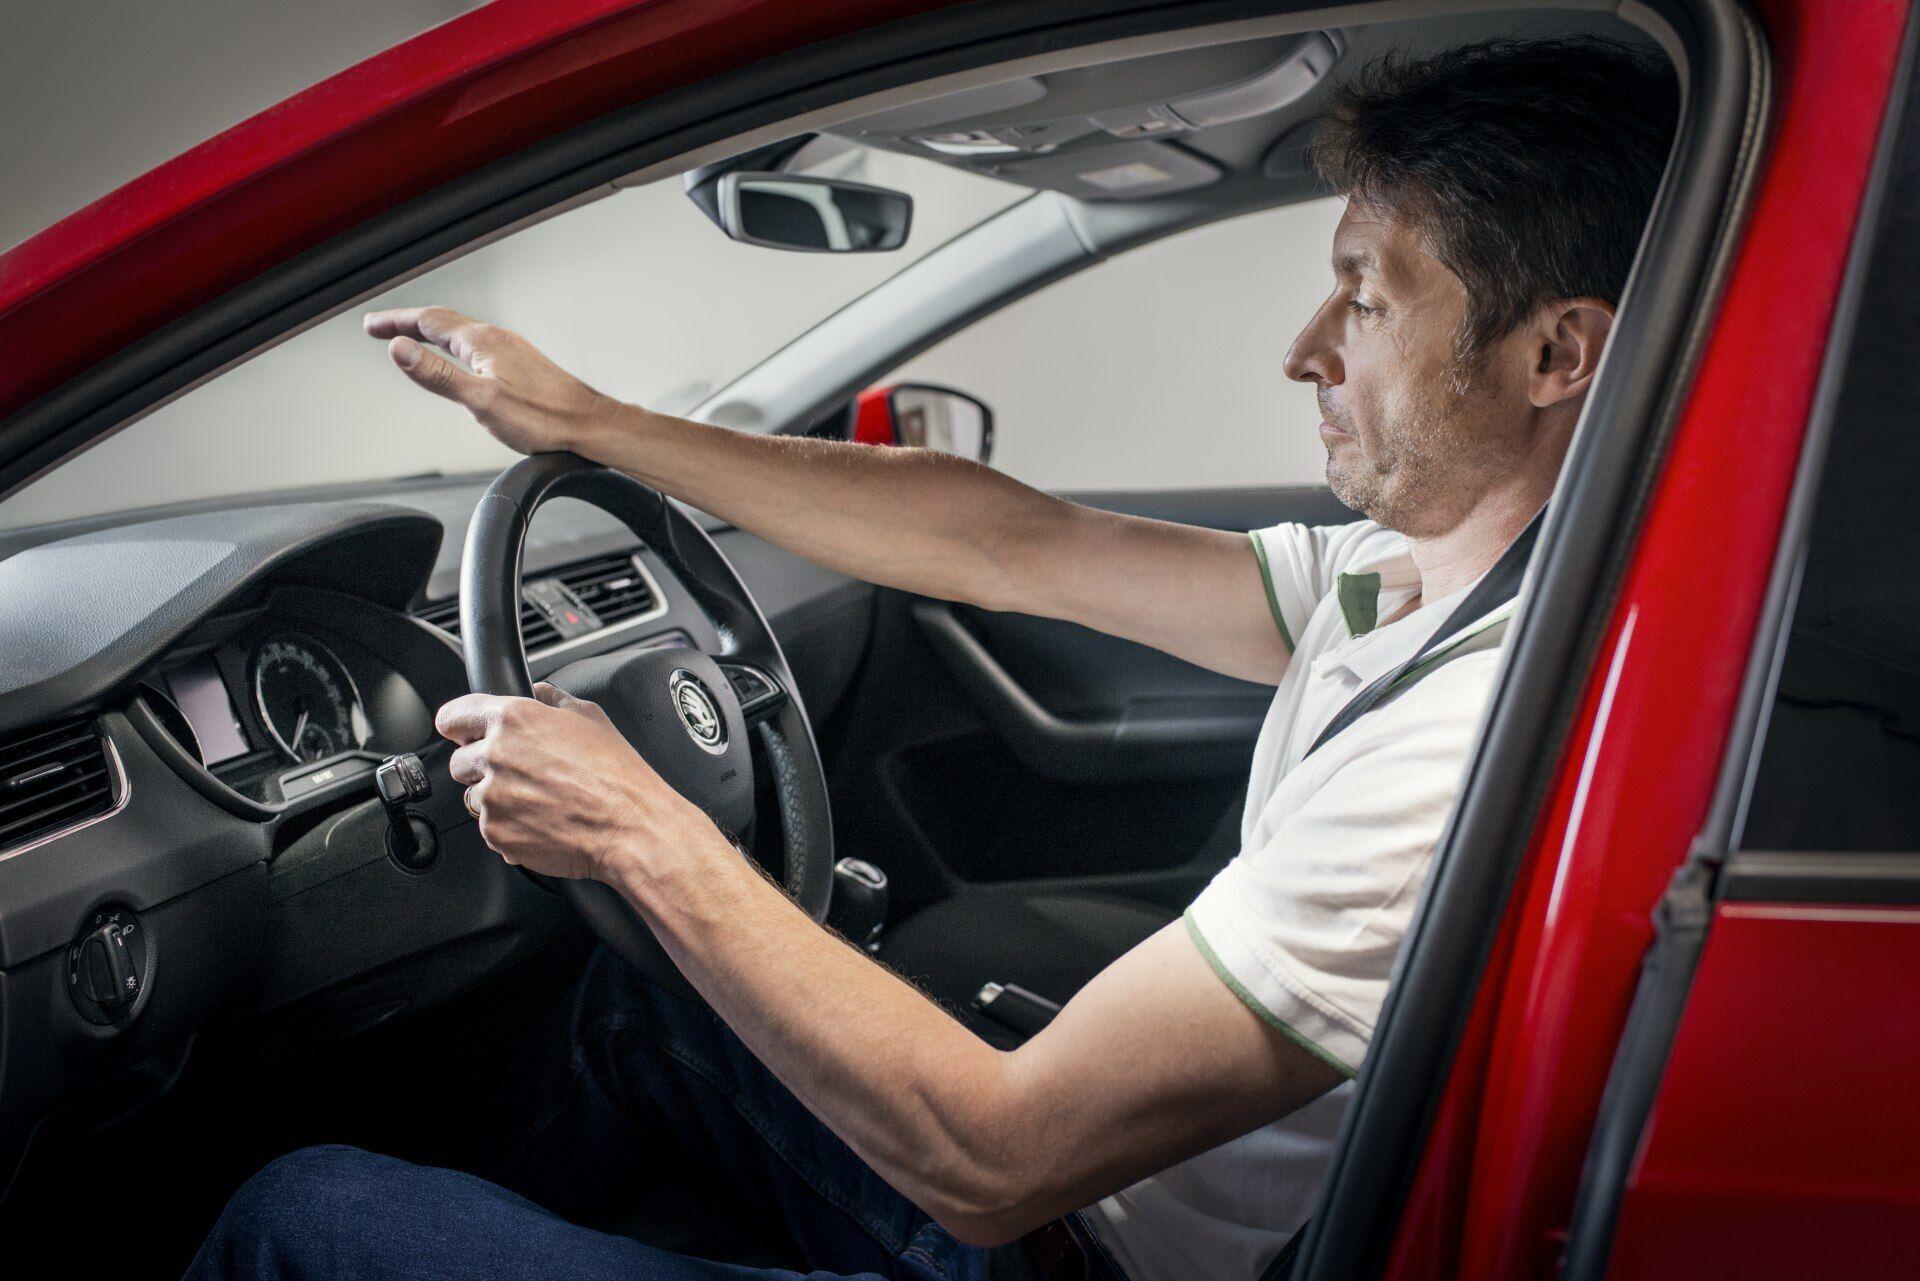 Идеальное расстояния между сиденьем и рулевым колесом, – спина в области лопаток плотно прижата к спинке кресла, а вытянутые руки в районе запястья лежат на верхней части обода